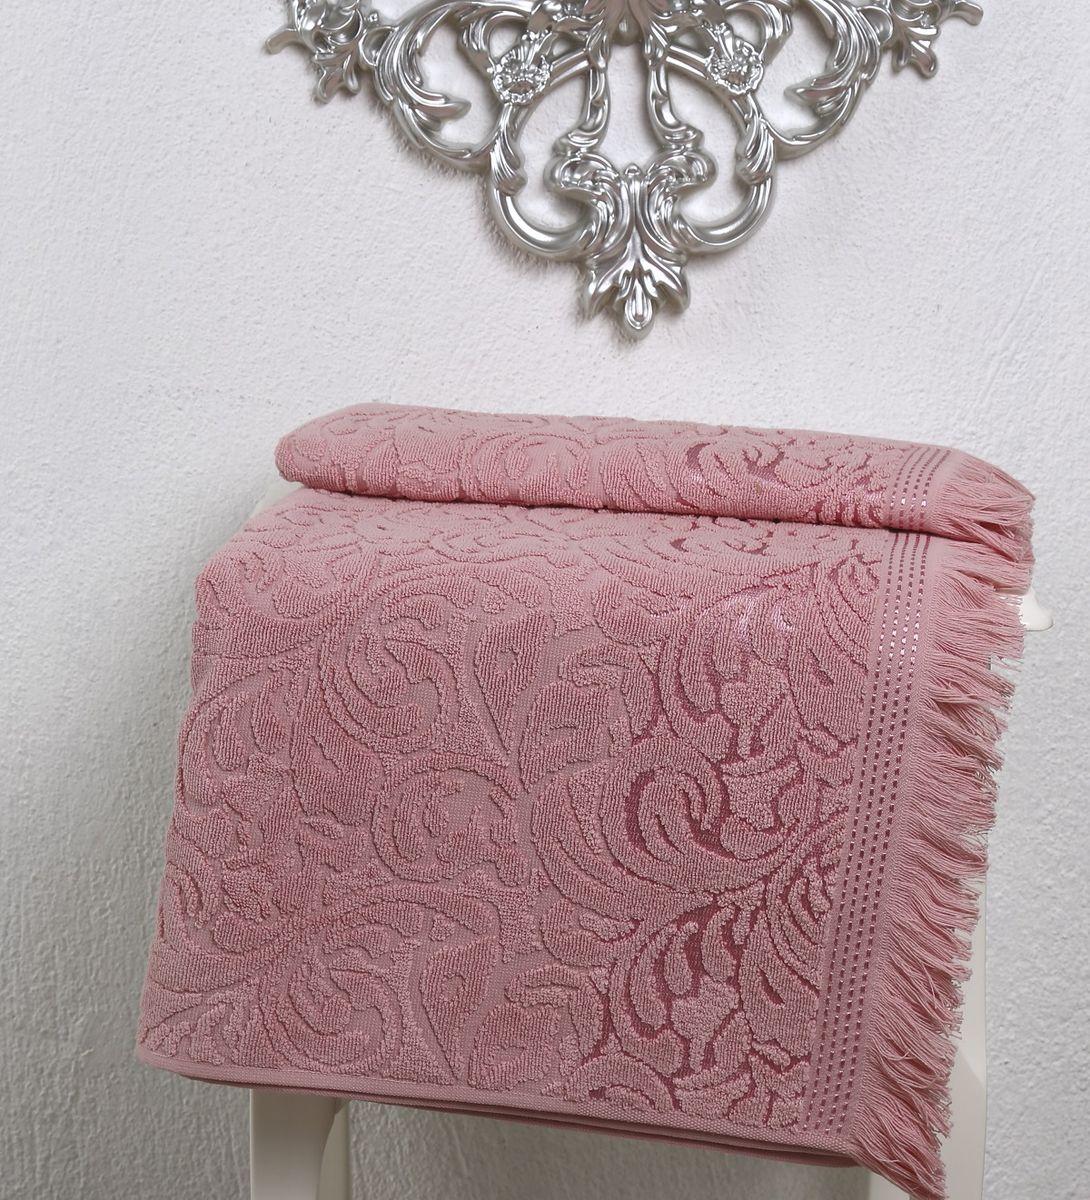 Полотенце Karna Esra, цвет: розовый, 50 х 90 см2194/CHAR006Махровое полотенце Karna Esra выполнено из 100% хлопка. Оно прекрасно впитывает влагу и быстро сохнет. По всему полотенцу имеется привлекательный узор. По канту полотенца имеется нежная бахрома.Махровое полотенце из натурального хлопка, обладает гигиеническими качествами, очень мягкое, с объемным равномерным ворсом, приятное на ощупь и к телу.Размер: 50 х 90 см.